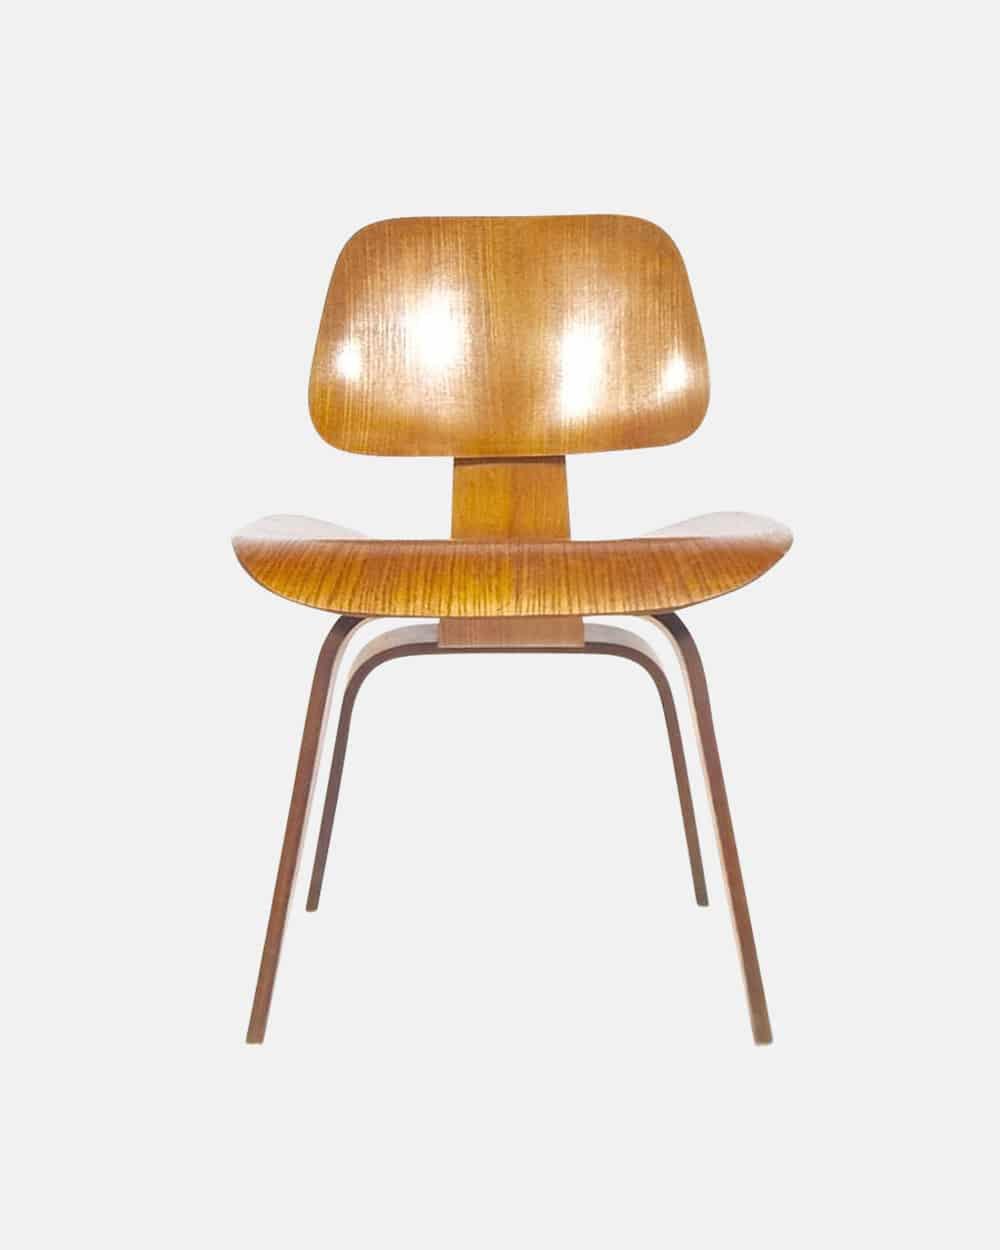 Design montres vintage qui se ressemble s 39 assemble for Chaise occasion